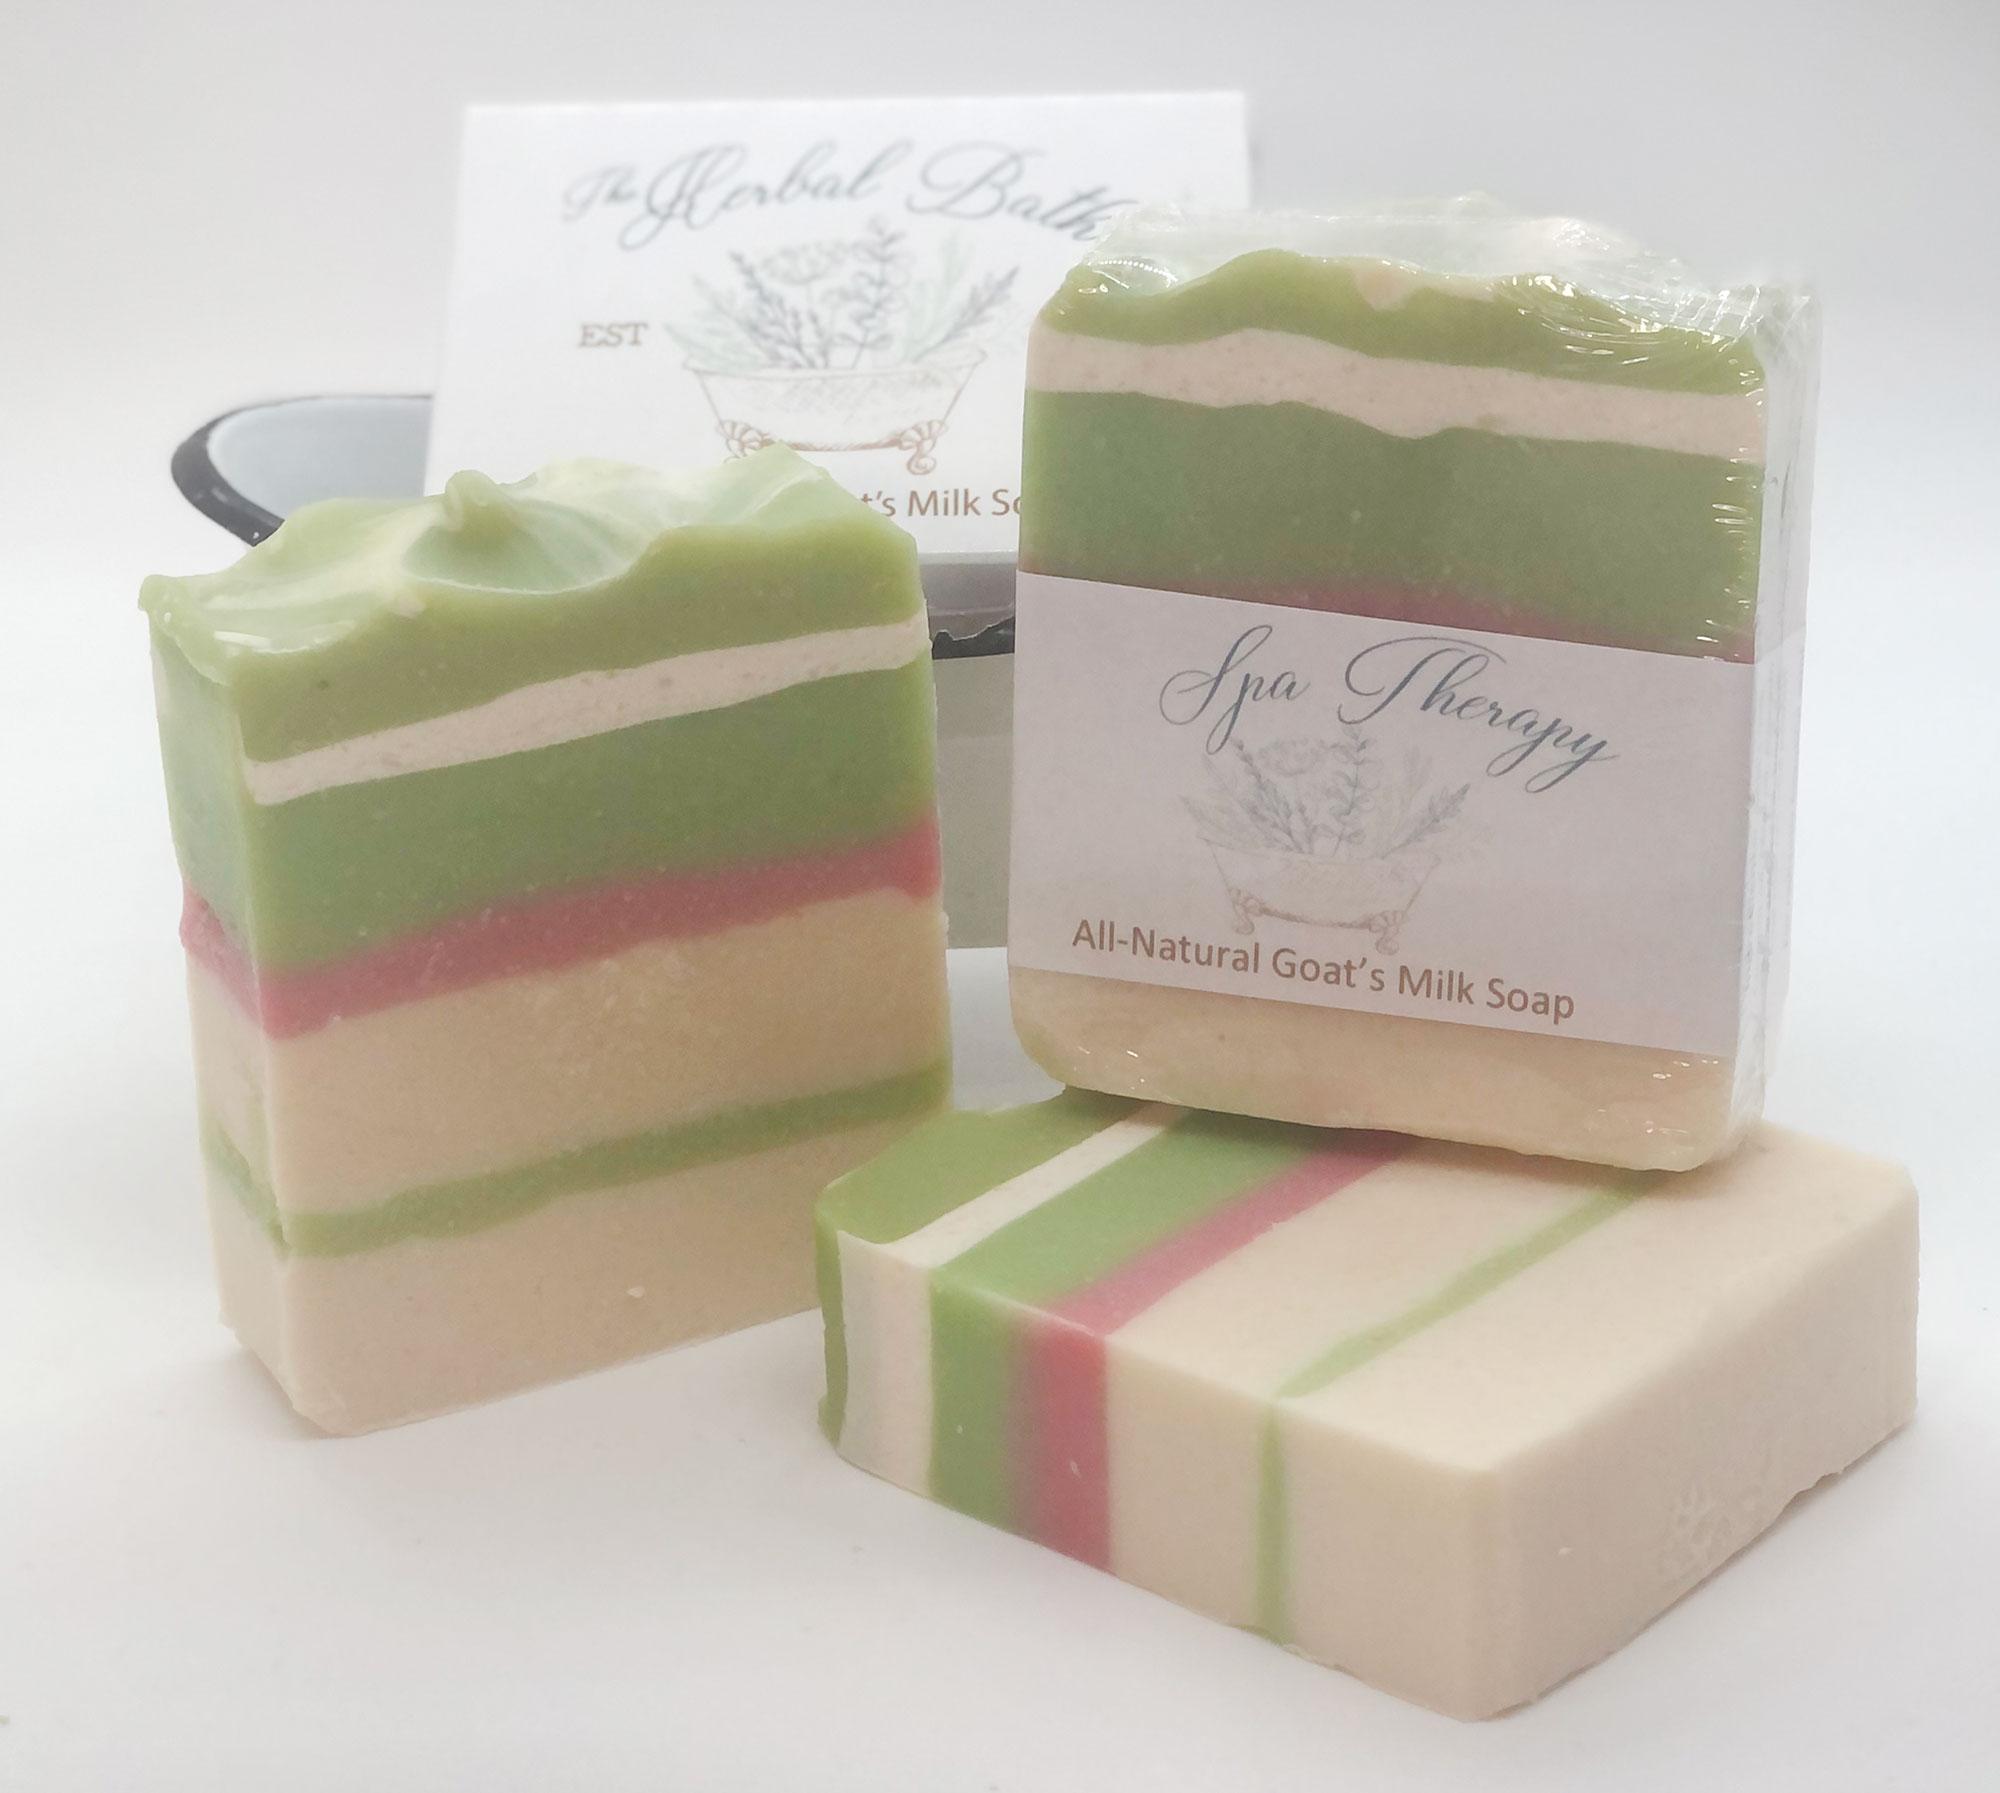 Spa Therapy Soap